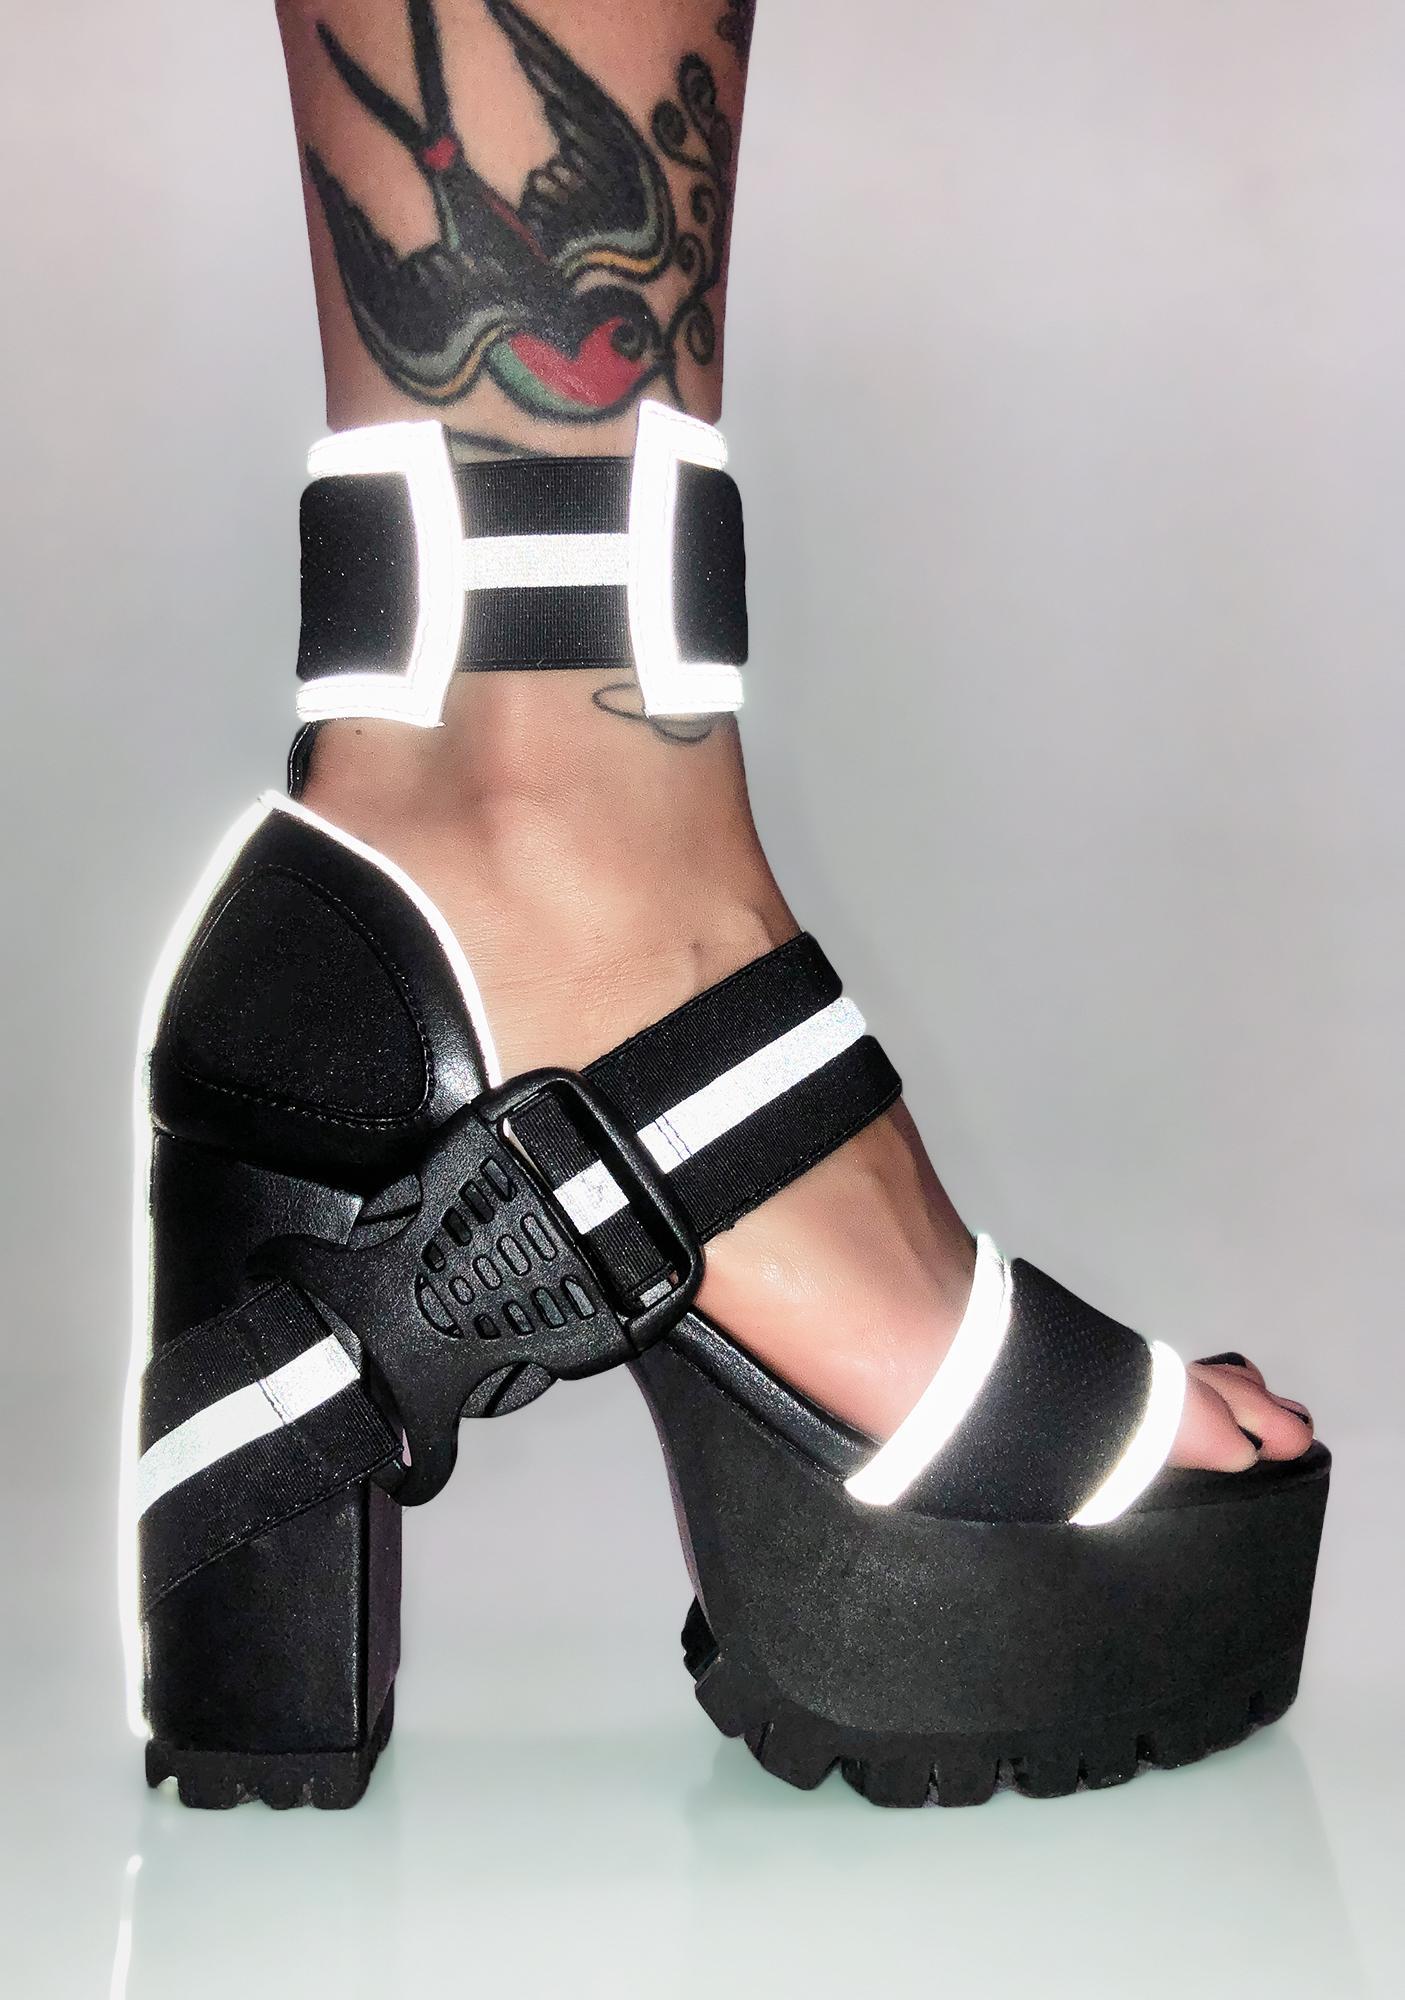 Poster Grl Stunt Habit Reflective Heels